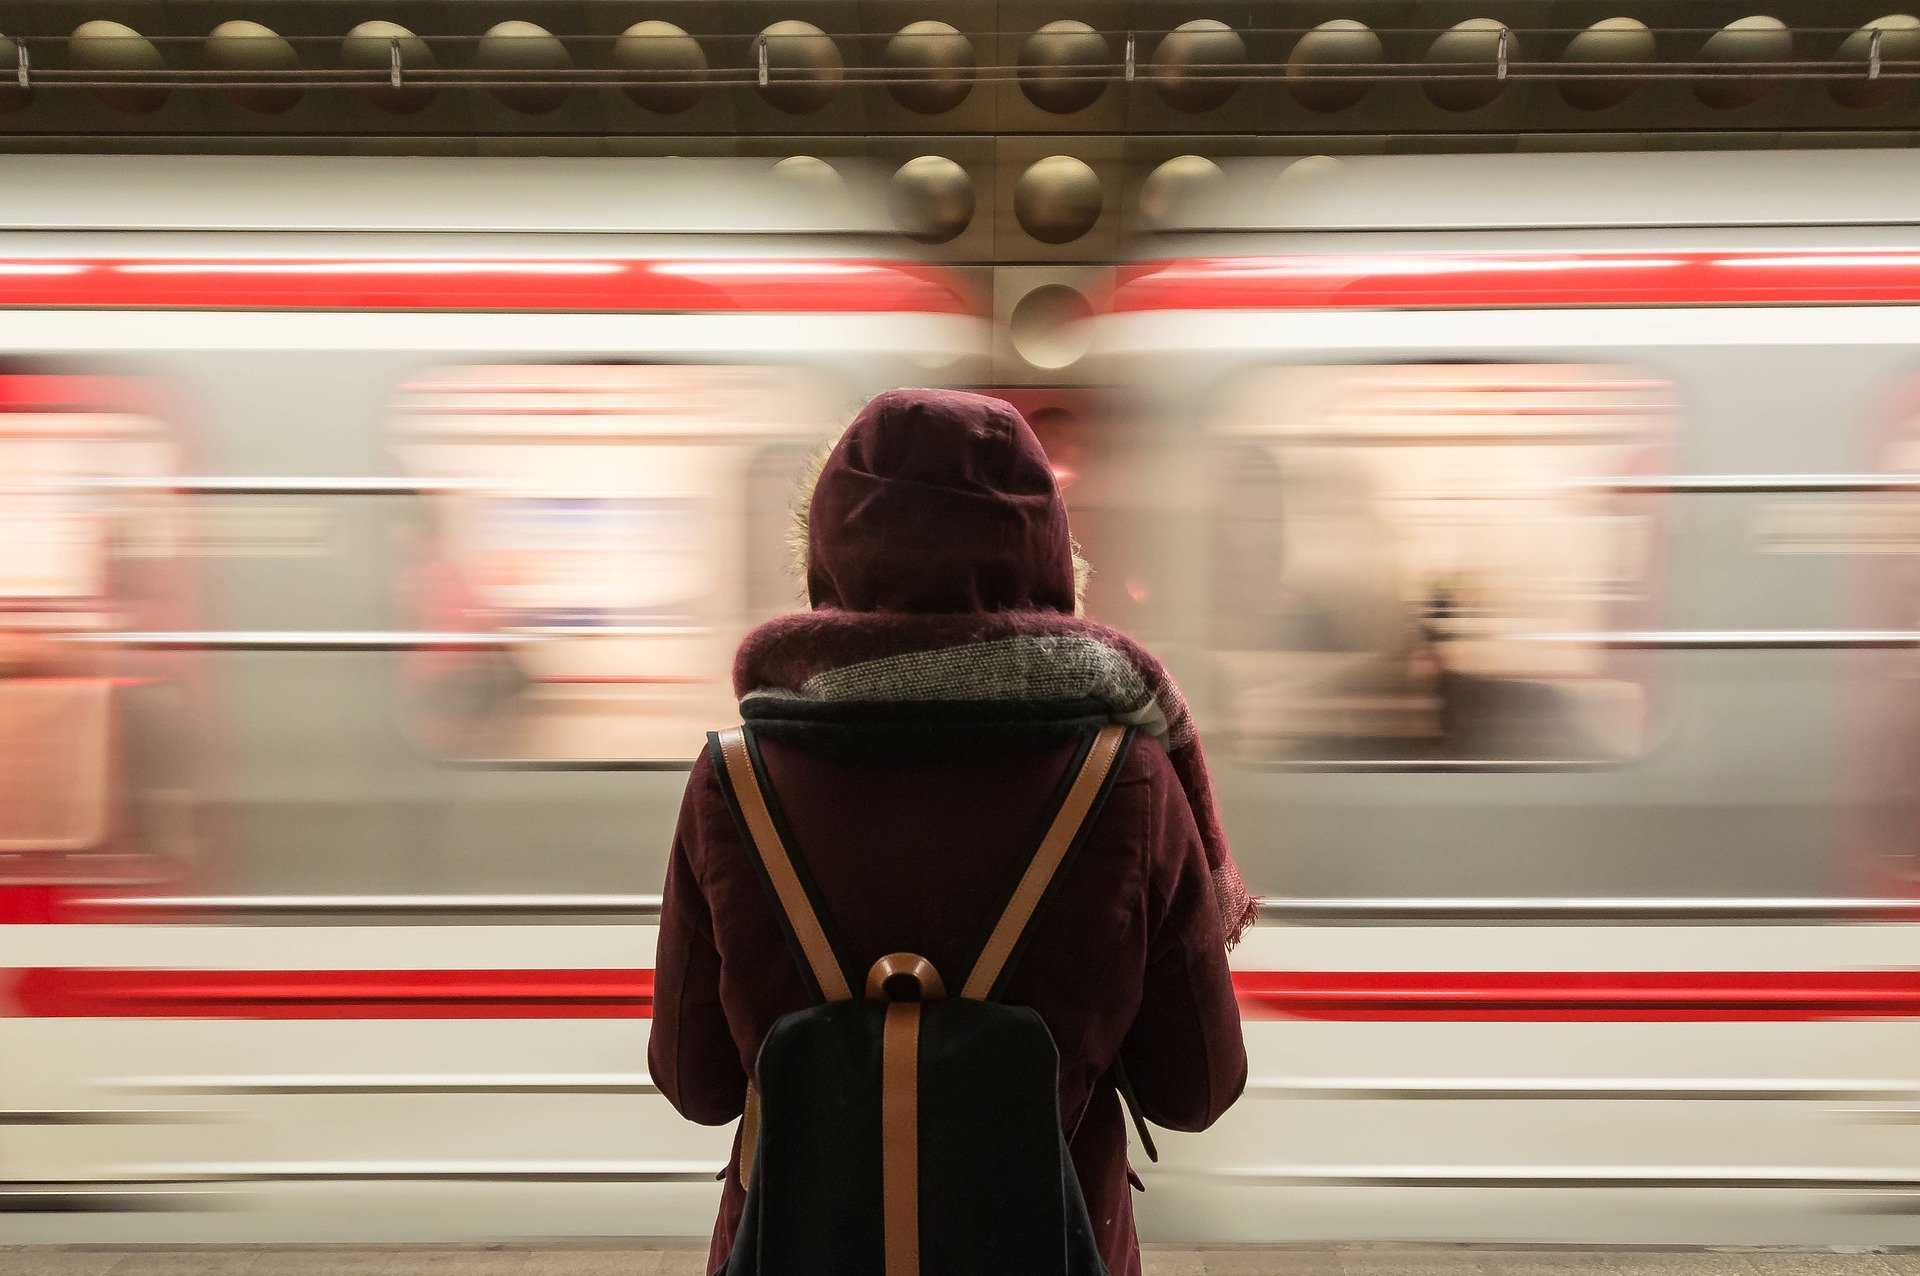 interrail pass digital